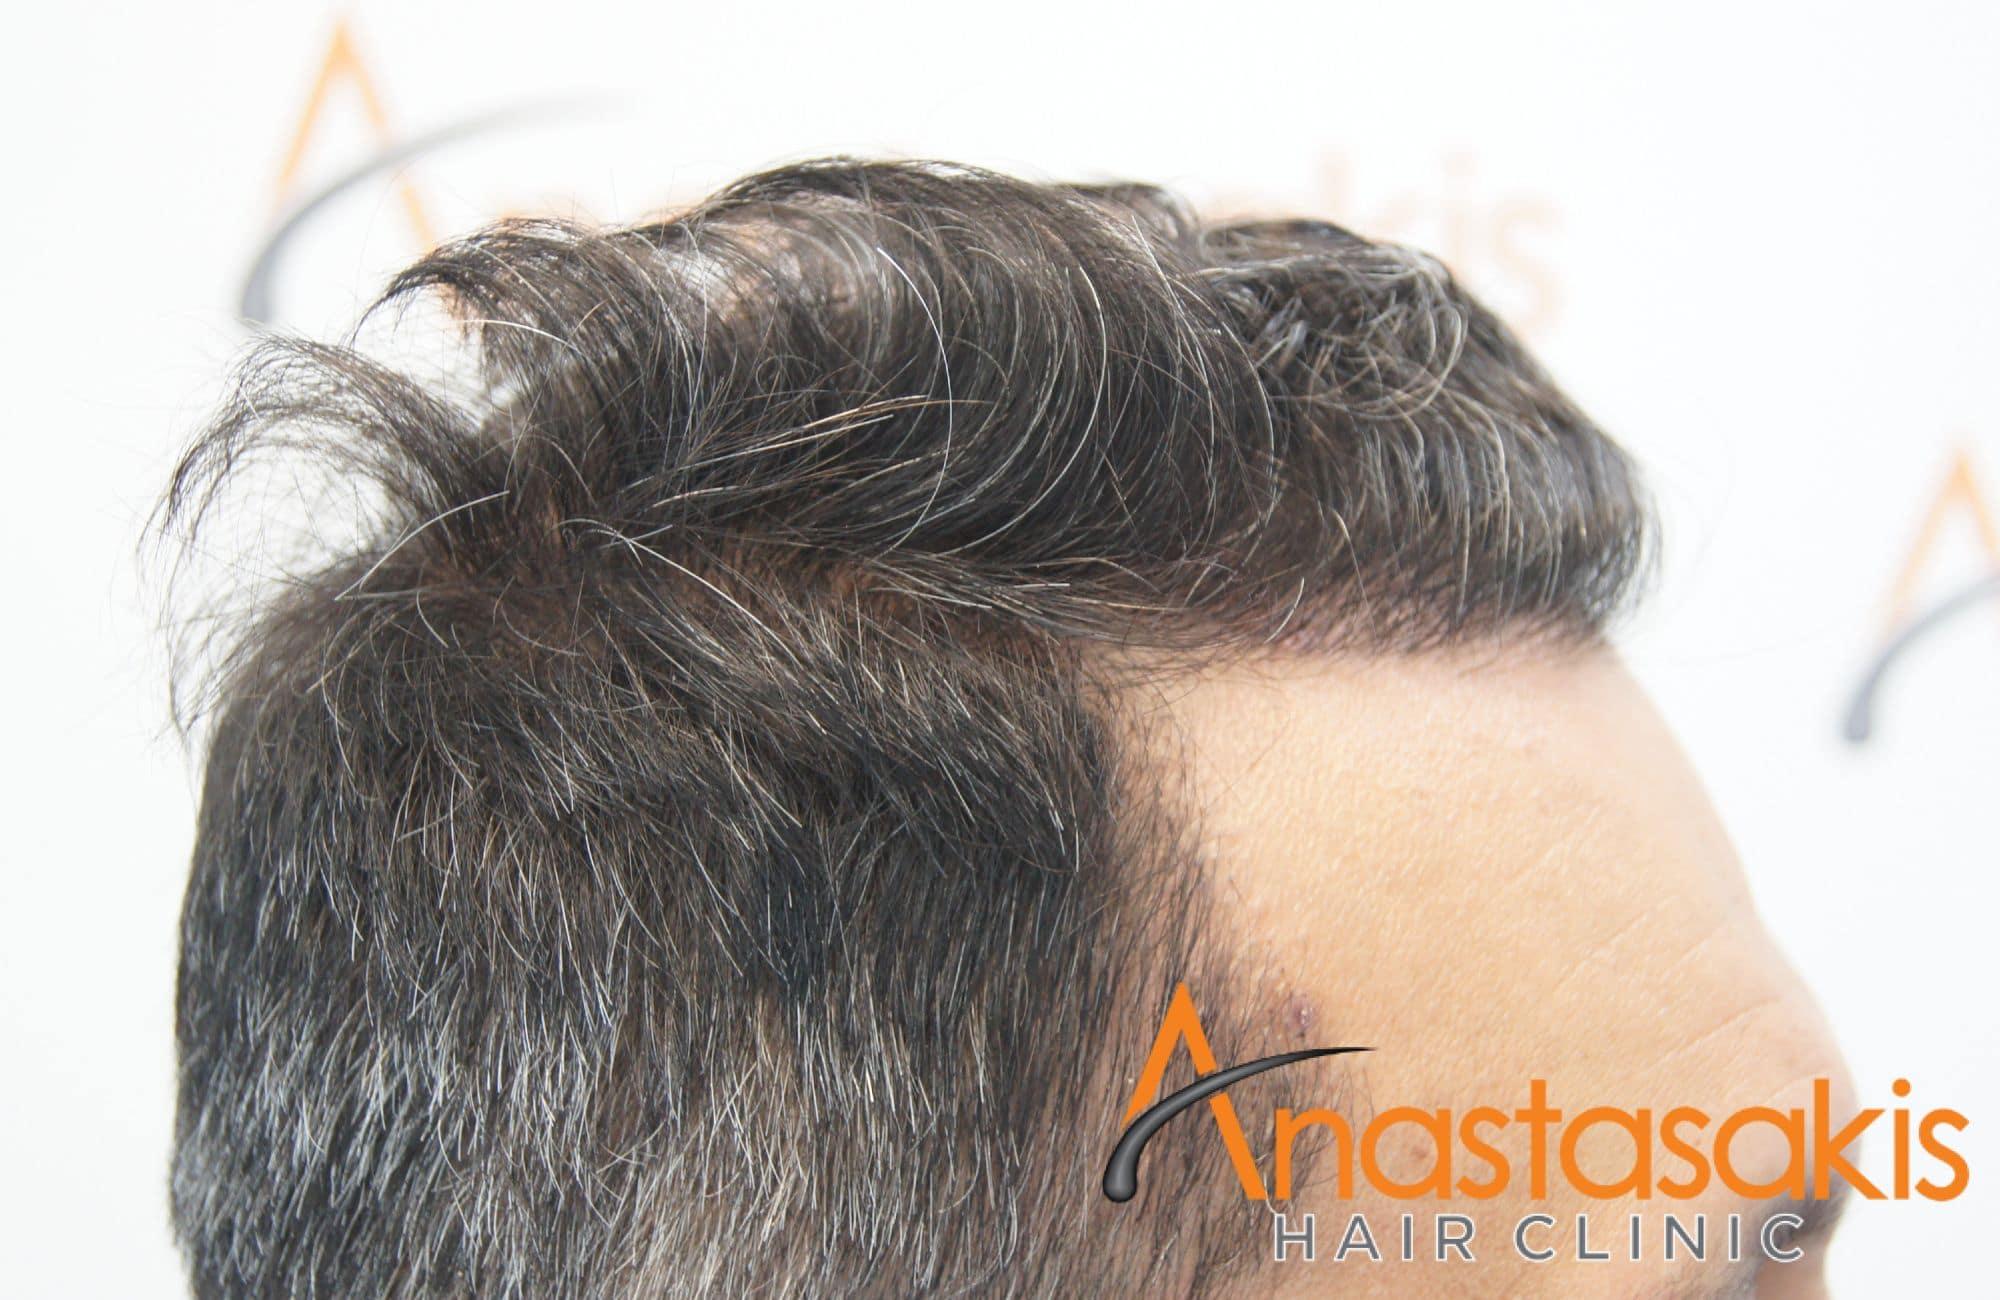 αποτελεσμα μεταμόσχευσης μαλλιών με 2211 τριχοθυλάκια - αριστερό προφιλ